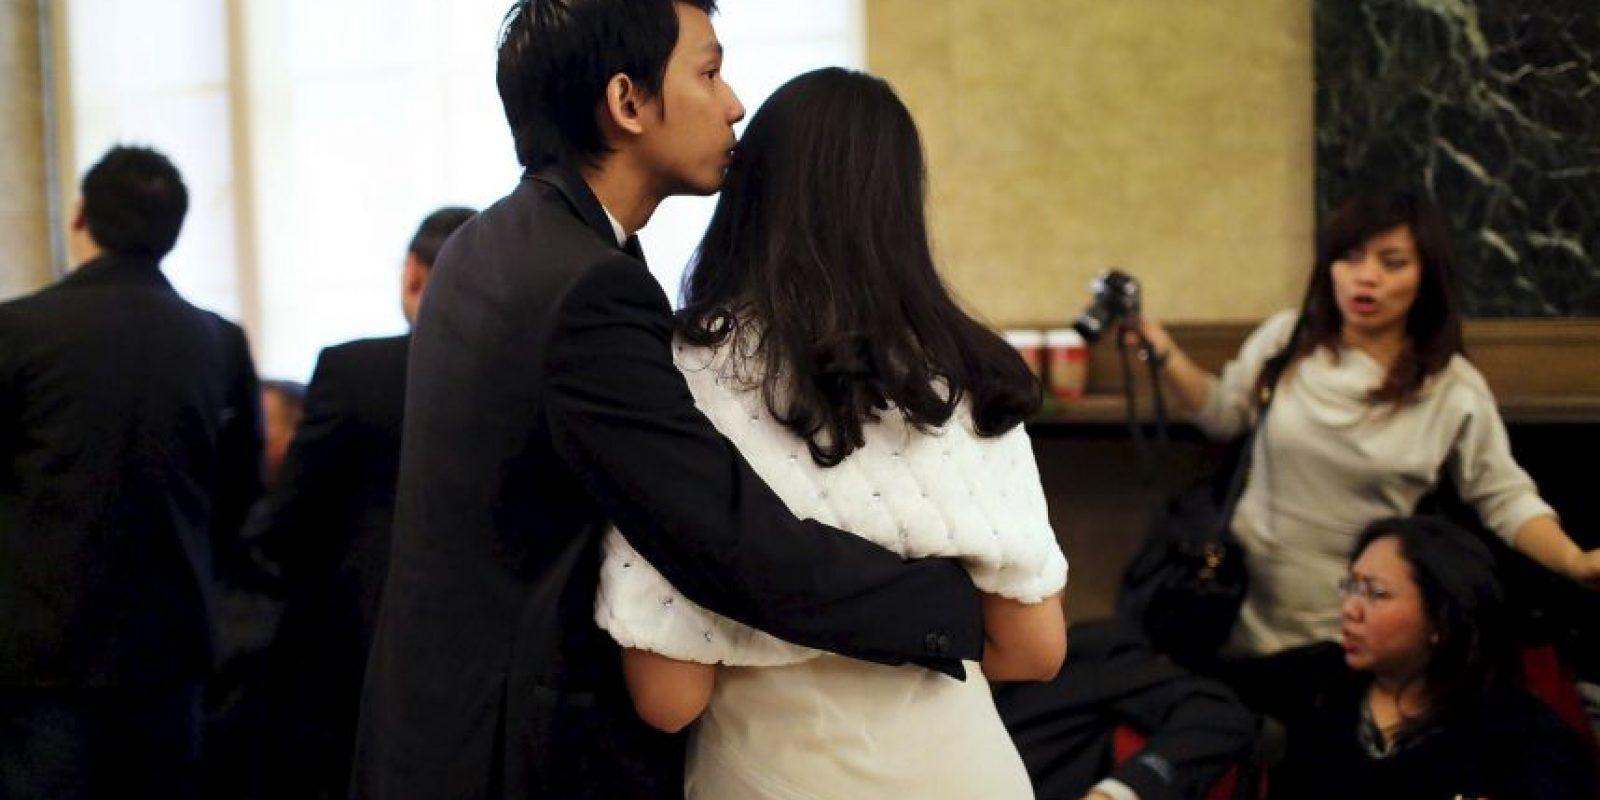 12. Simplemente su amor es una droga y tienen el deseo de sentirlo todo el tiempo. Foto:Tumblr.com/tagged-pareja-cursi